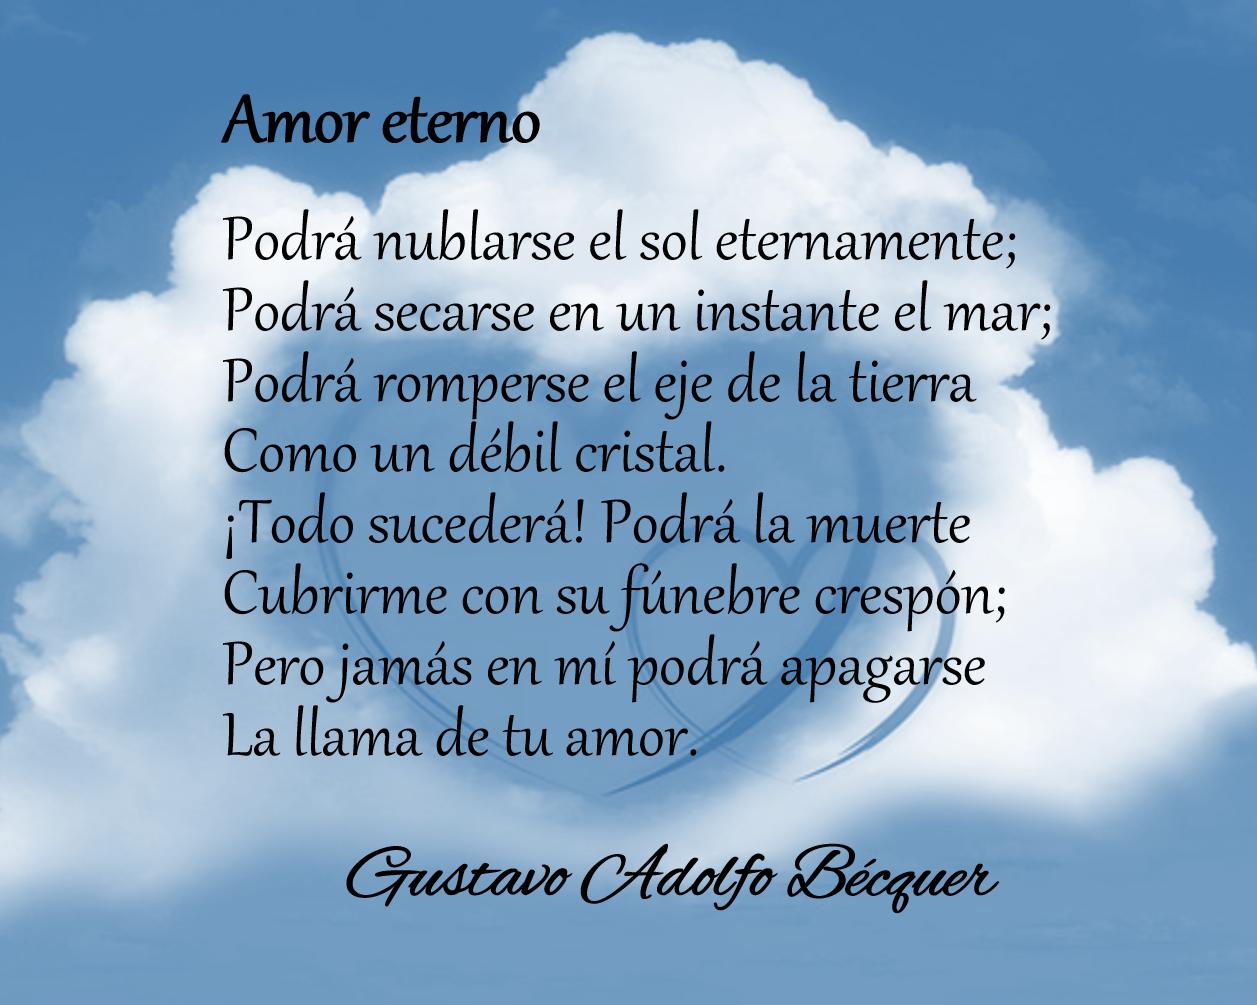 Textos literarios poemas de amor cuentos cortos canciones for Buscador de poemas